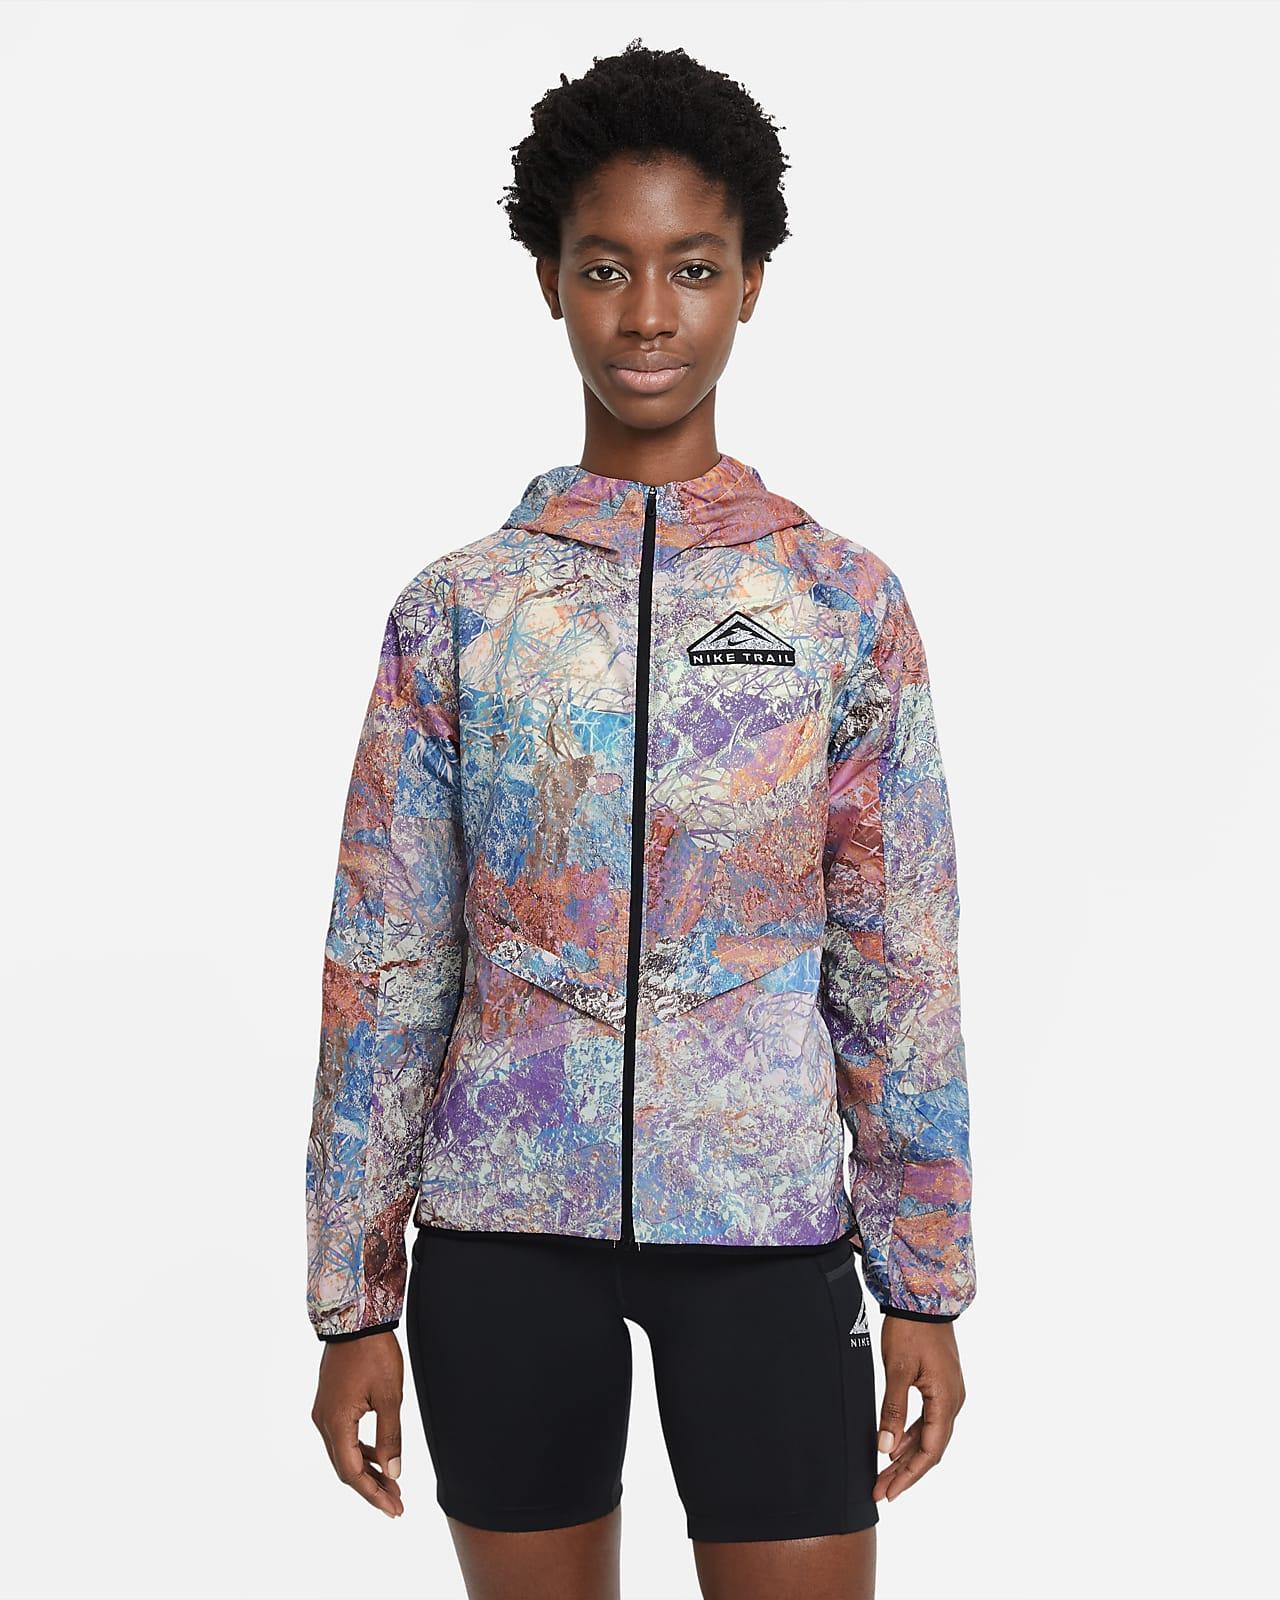 Nike Windrunner Women's Packable Trail-Running Jacket